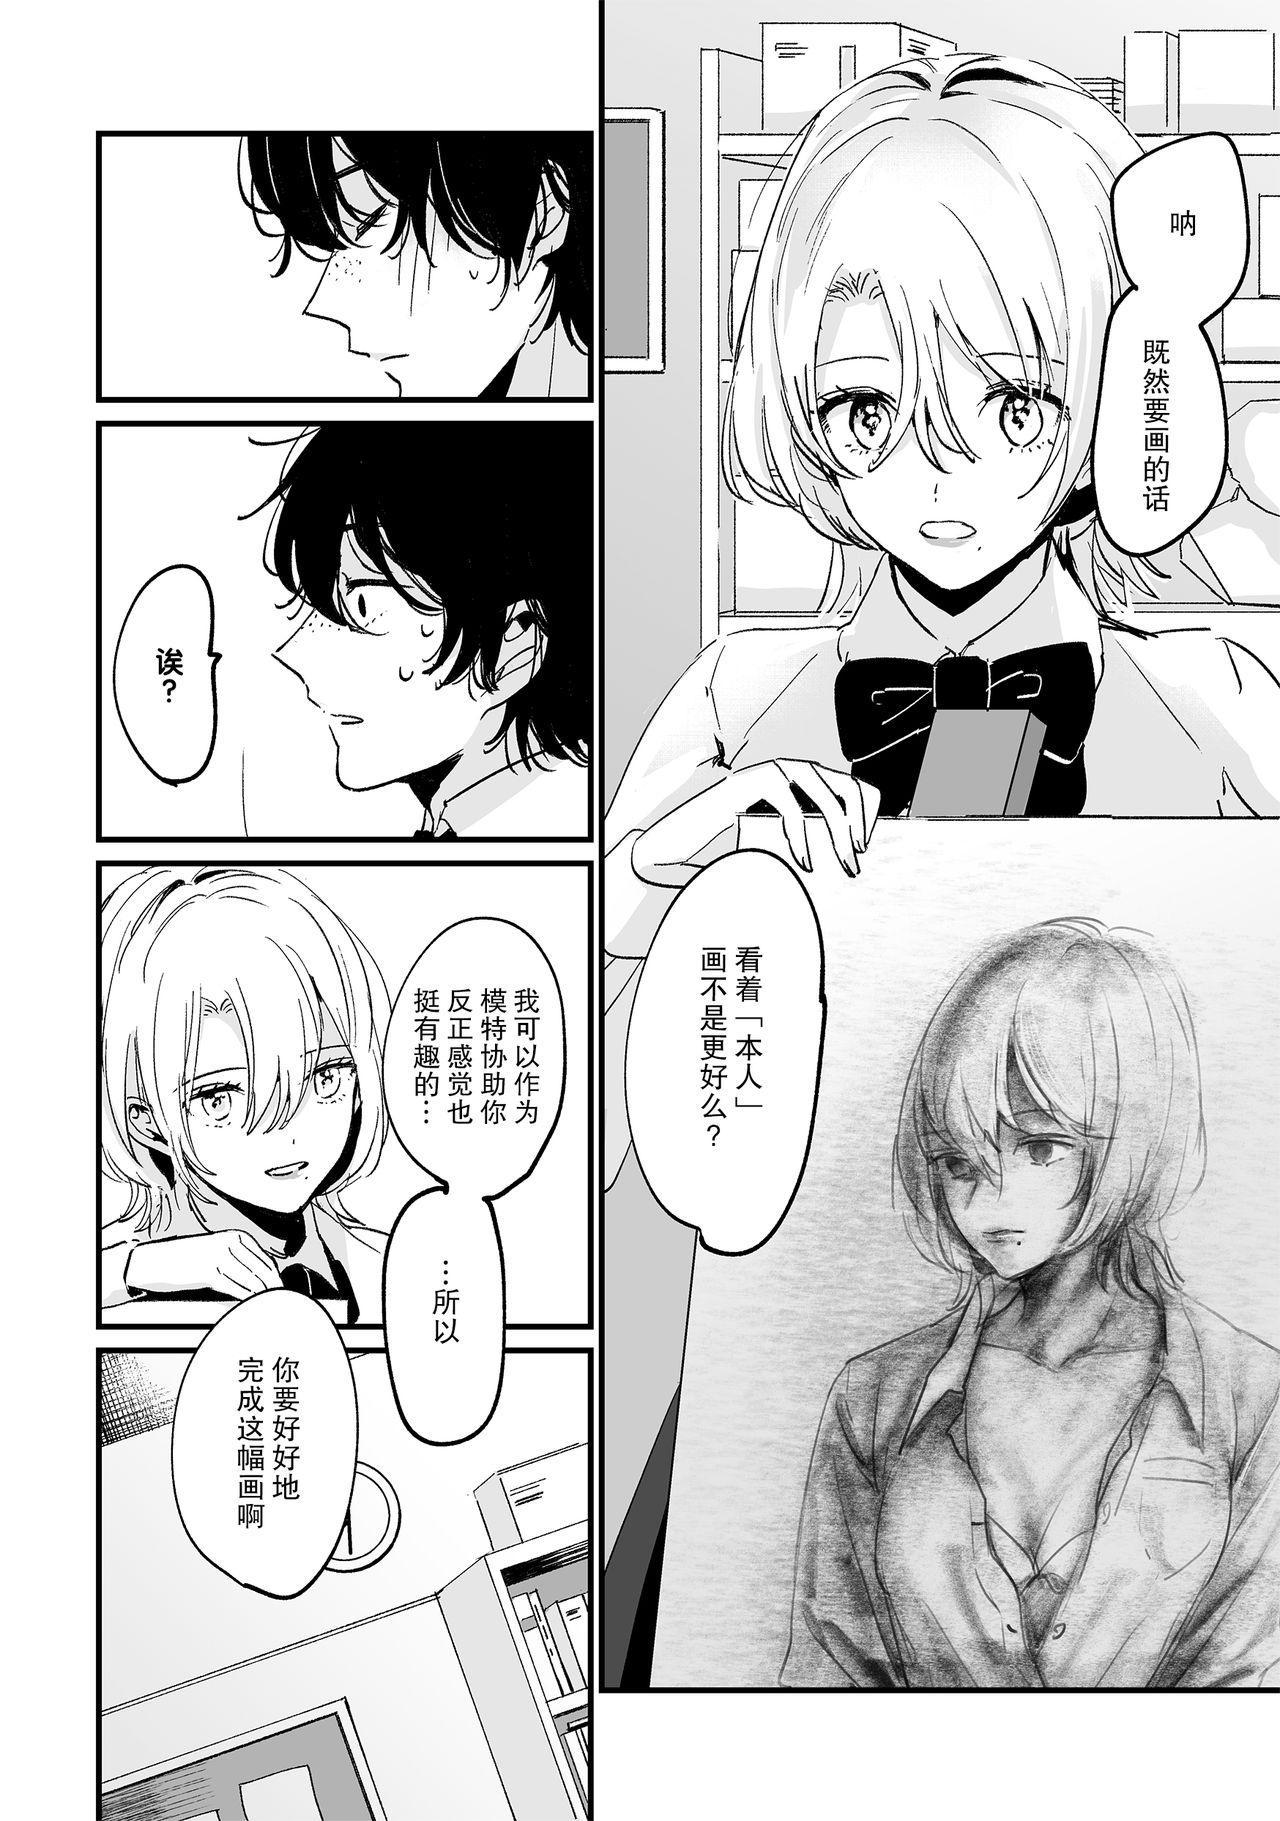 Houkago Sketch 6